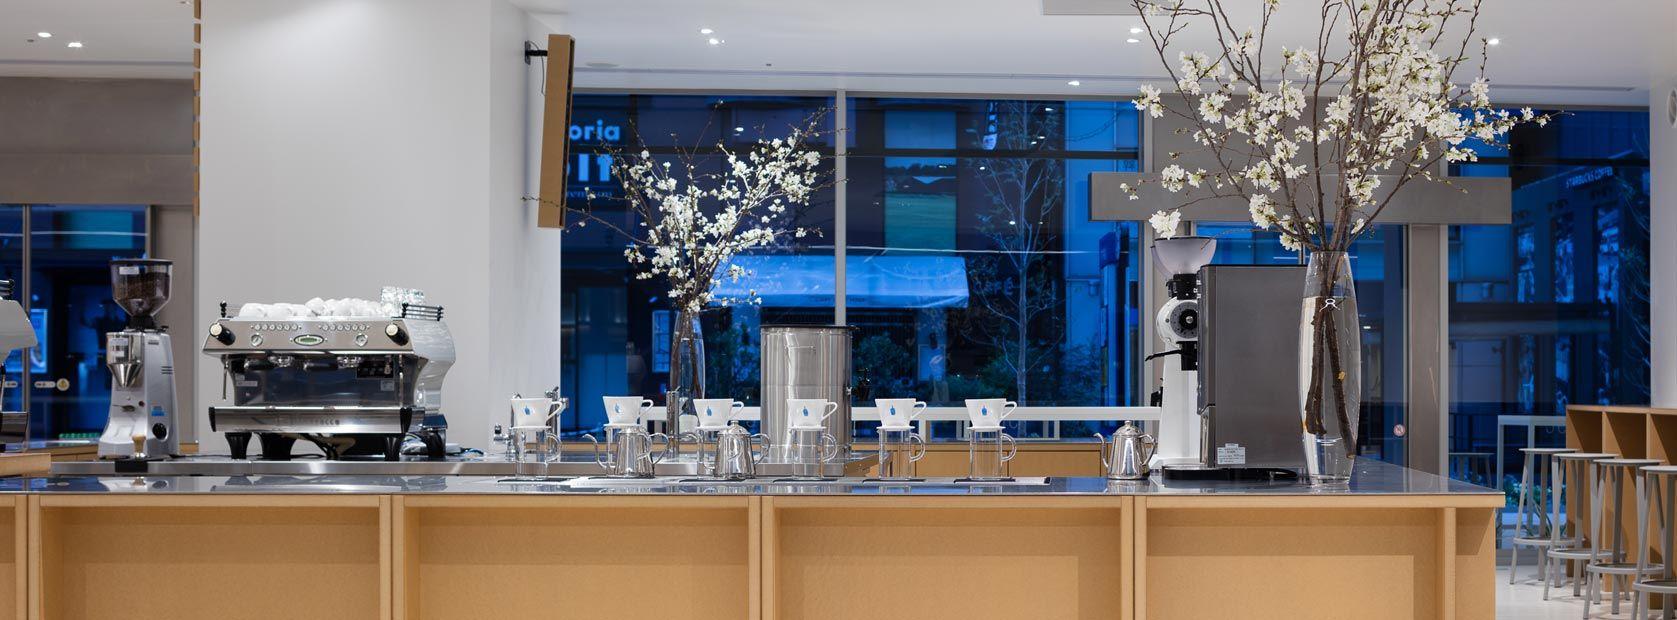 48+ What is the best blue bottle coffee ideas in 2021